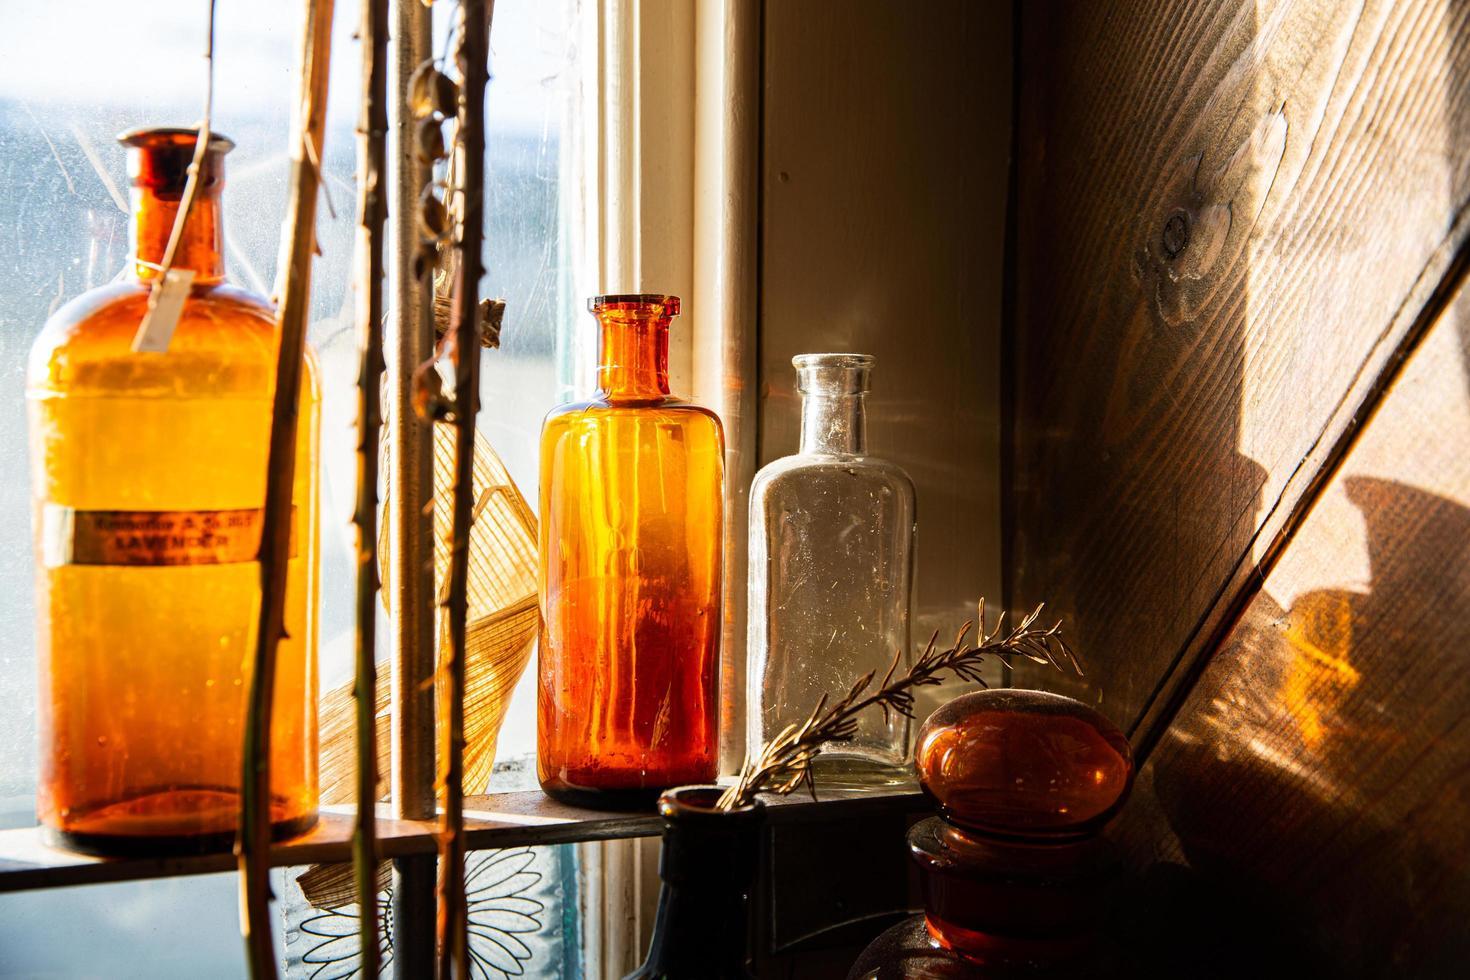 Botellas de vidrio en un estante cerca de una ventana. foto